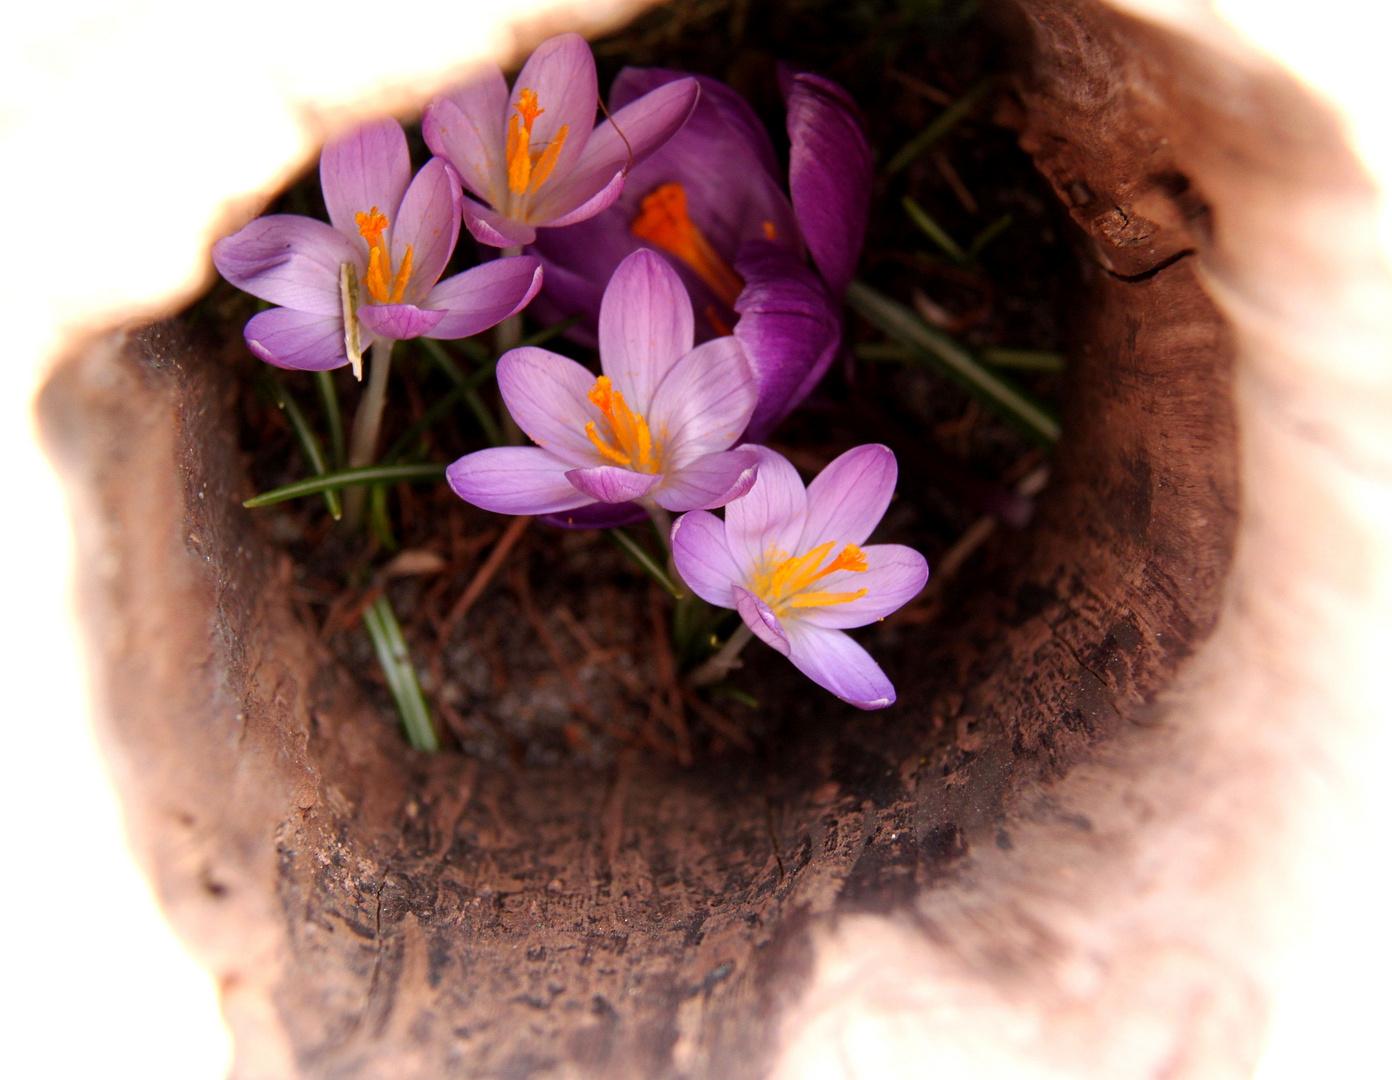 Lieber Frühling, komm doch bald!